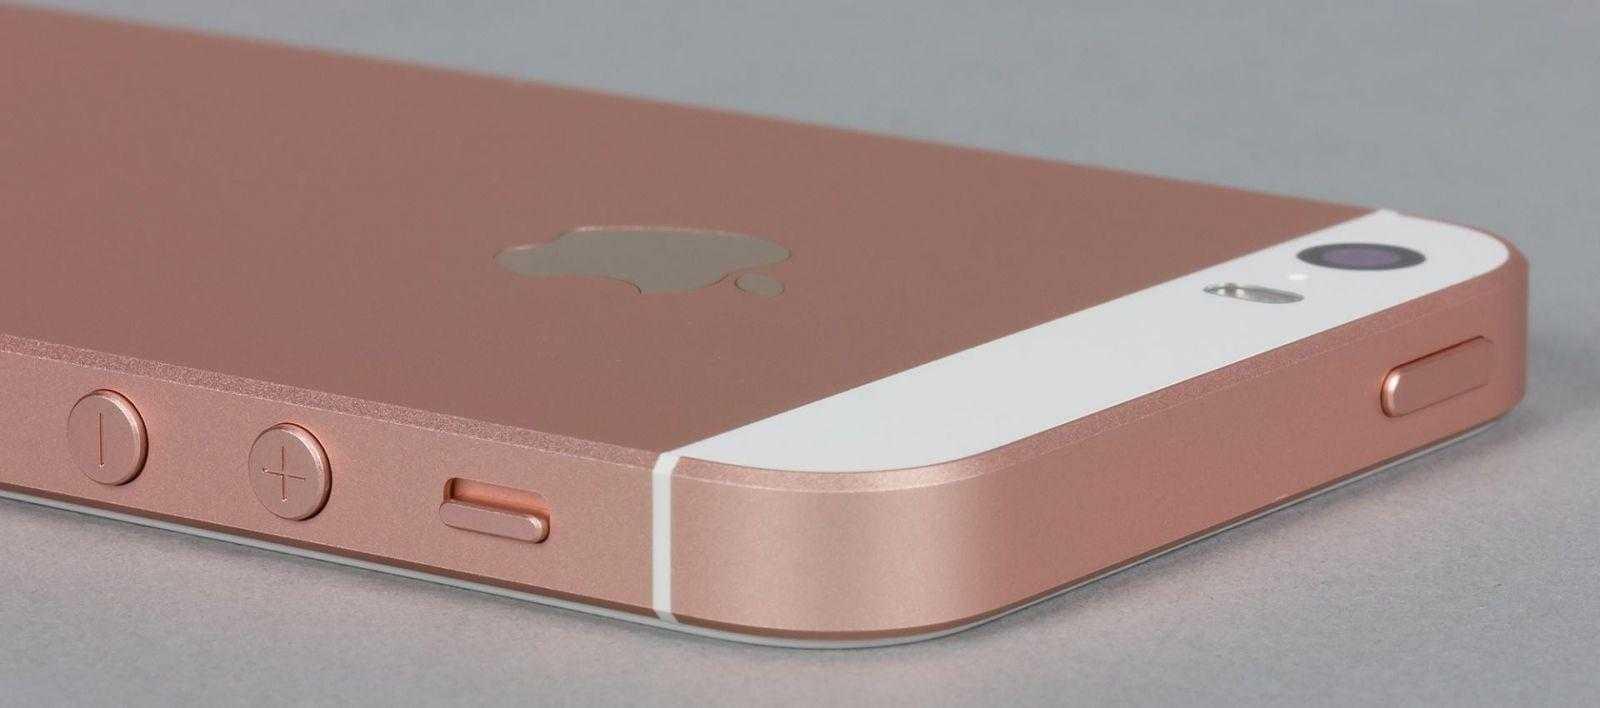 Apple снова начала продавать iPhone SE. Правда, только в Америке